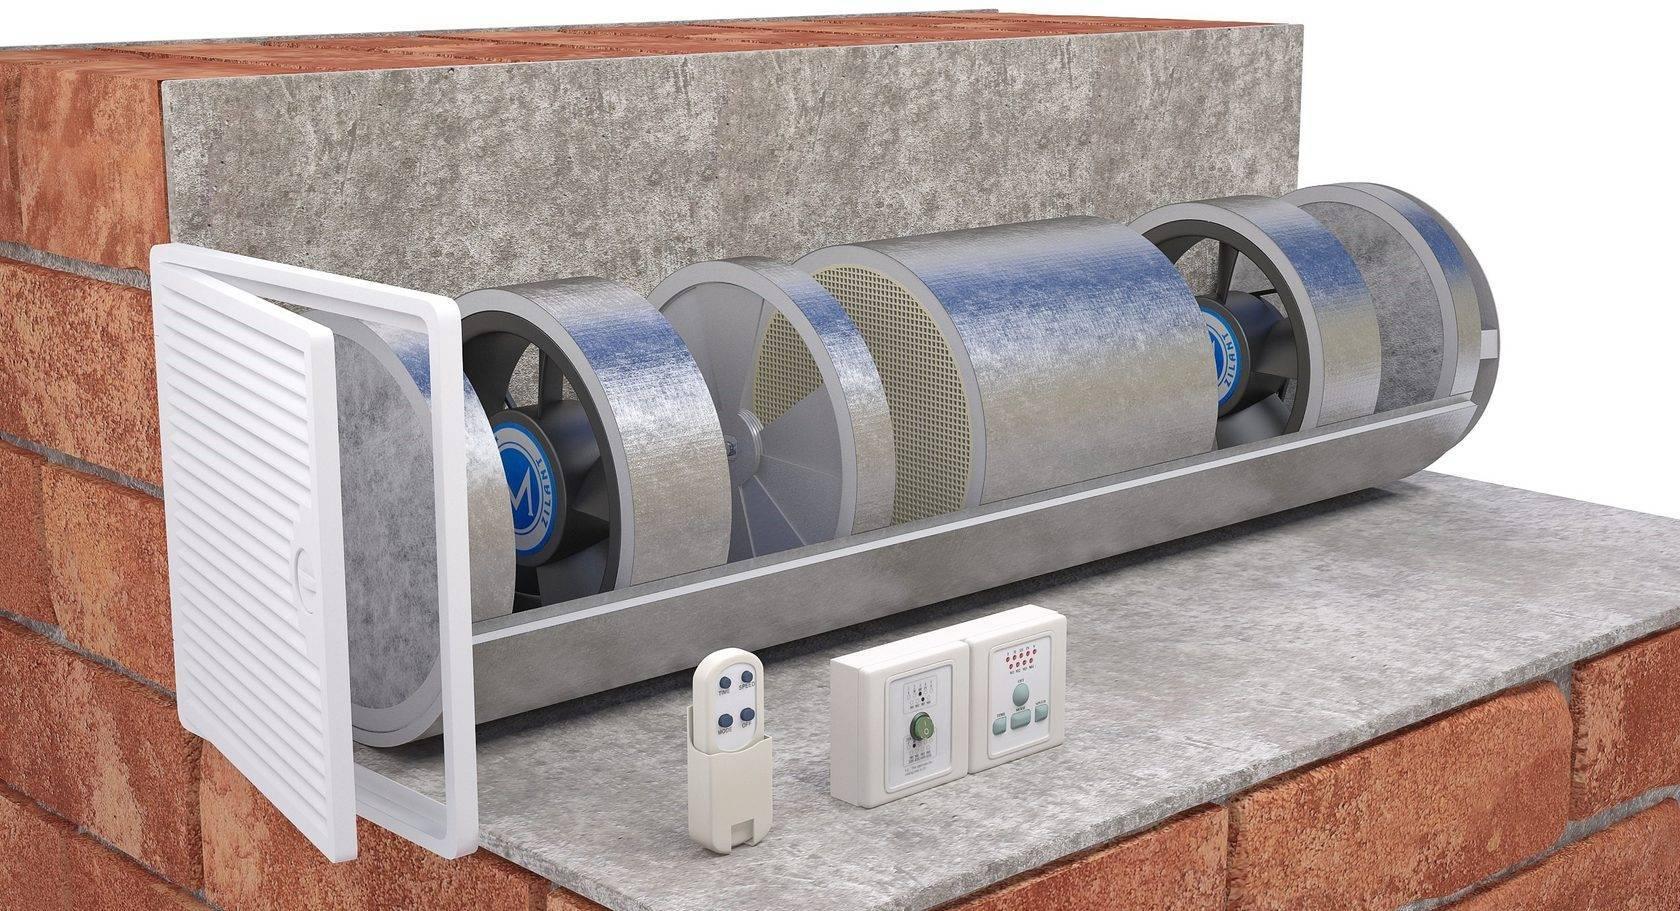 Как создать энергоэффективное жилье с помощью устройства системы приточно-вытяжной вентиляции с рекуперацией тепла